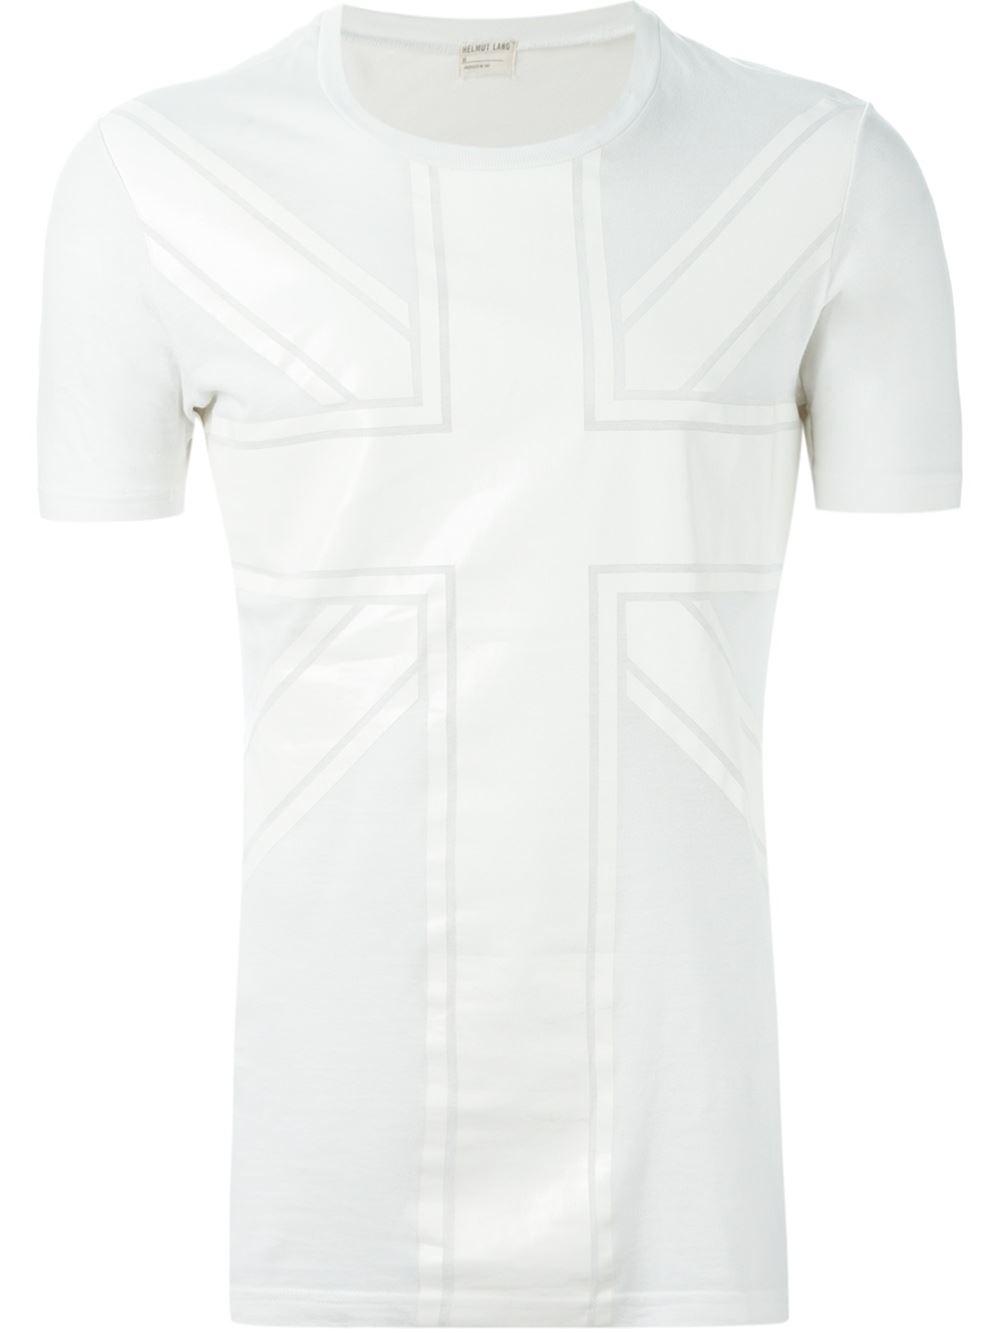 Helmut lang union jack print t shirt in white for men lyst for Helmut lang t shirt